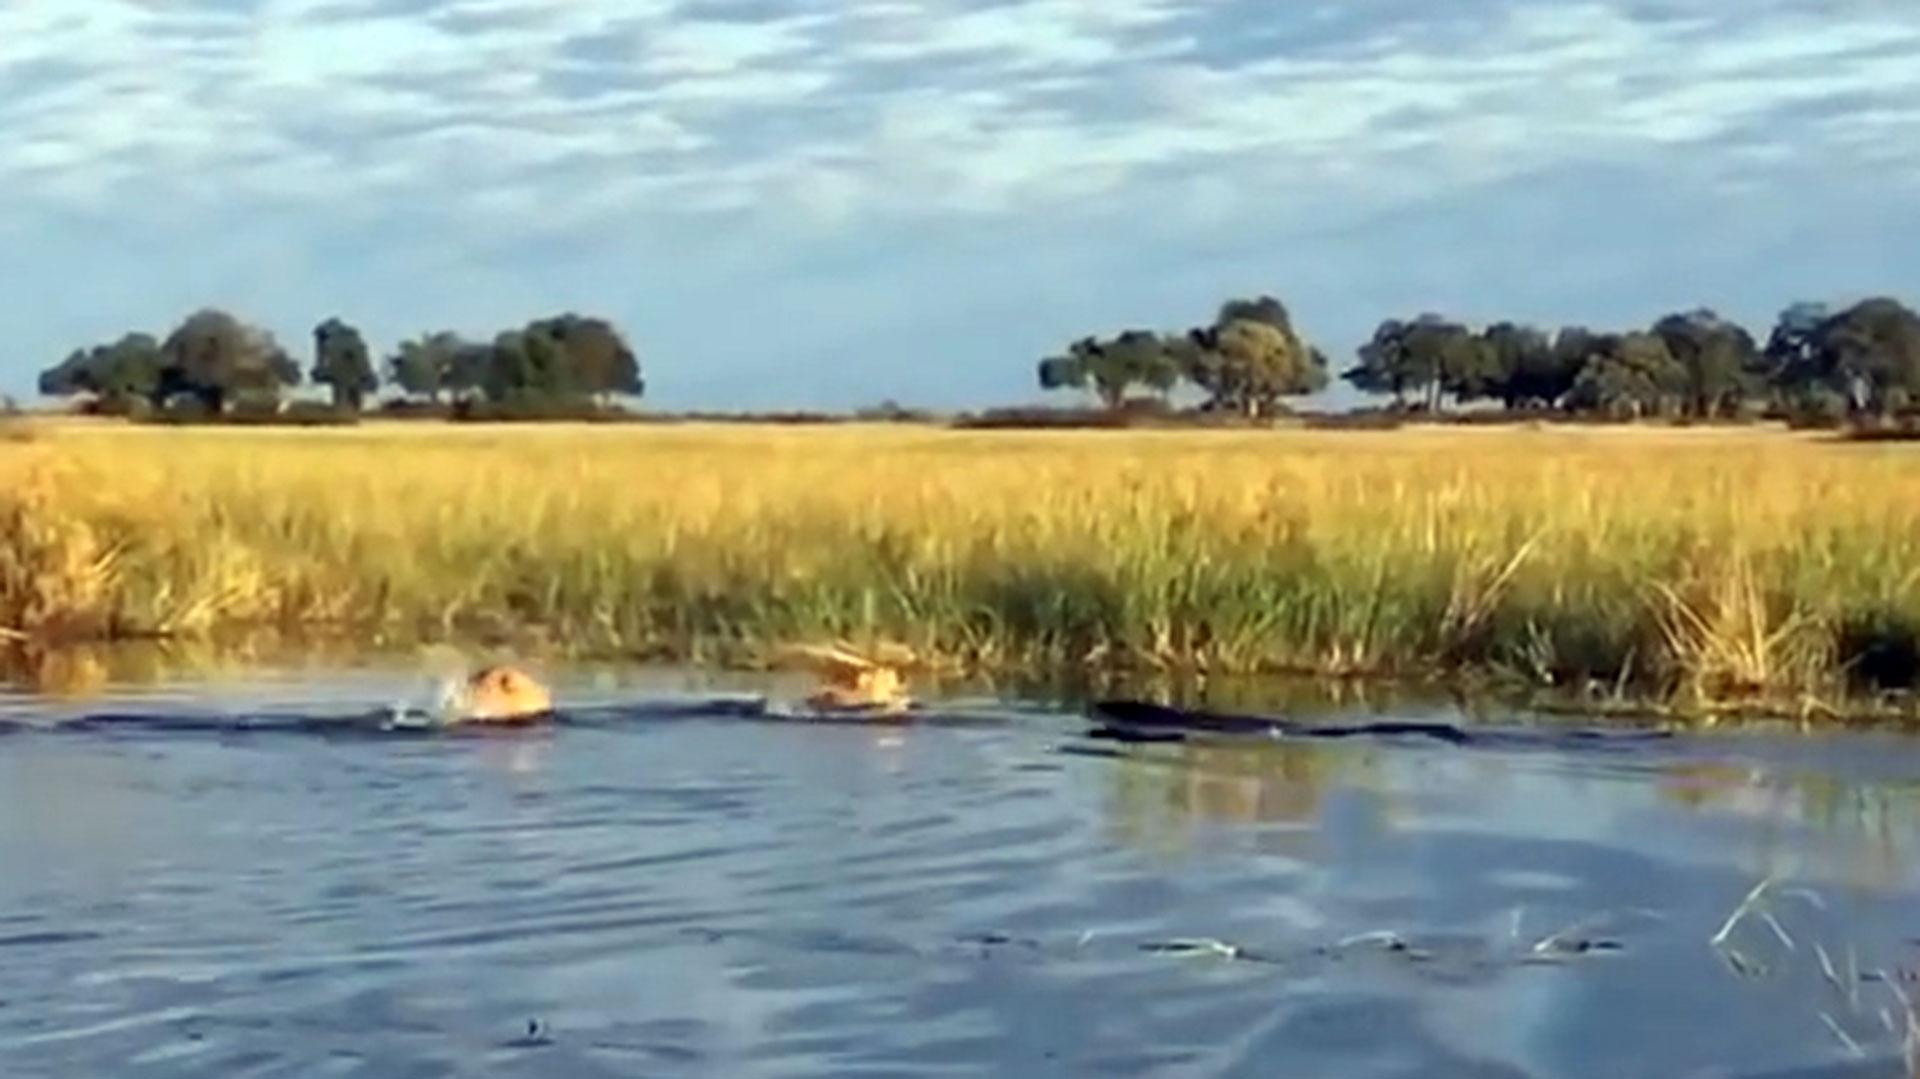 El cocodrilo ataque al menor de los leones, que encabezaba la corta hilera (YouTube)